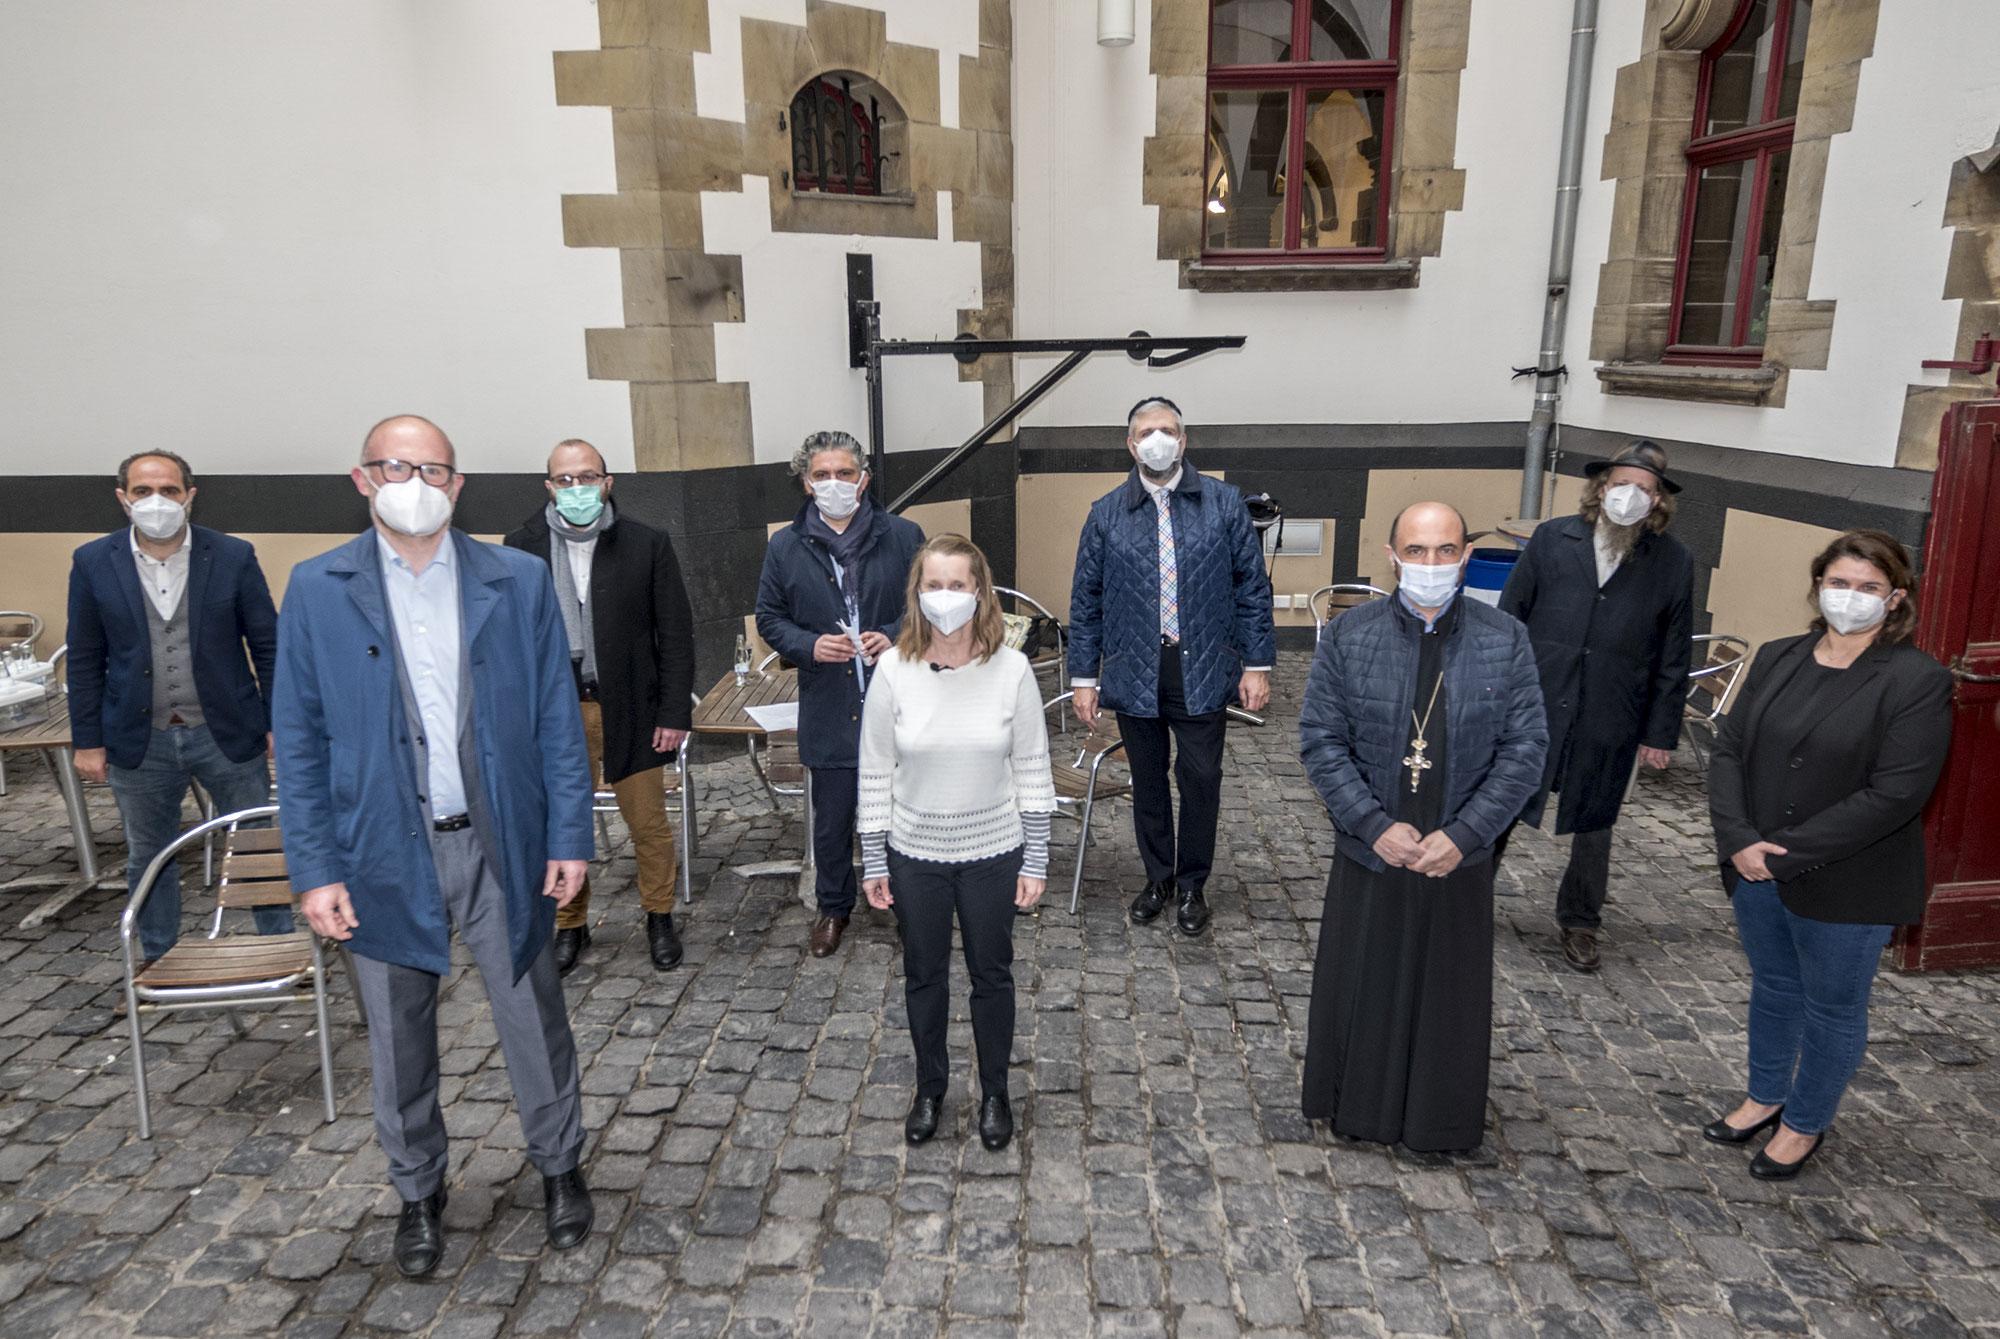 Duisburger Religionsgemeinschaften gedenken gemeinsam der Corona-Opfer in ihrer Stadt